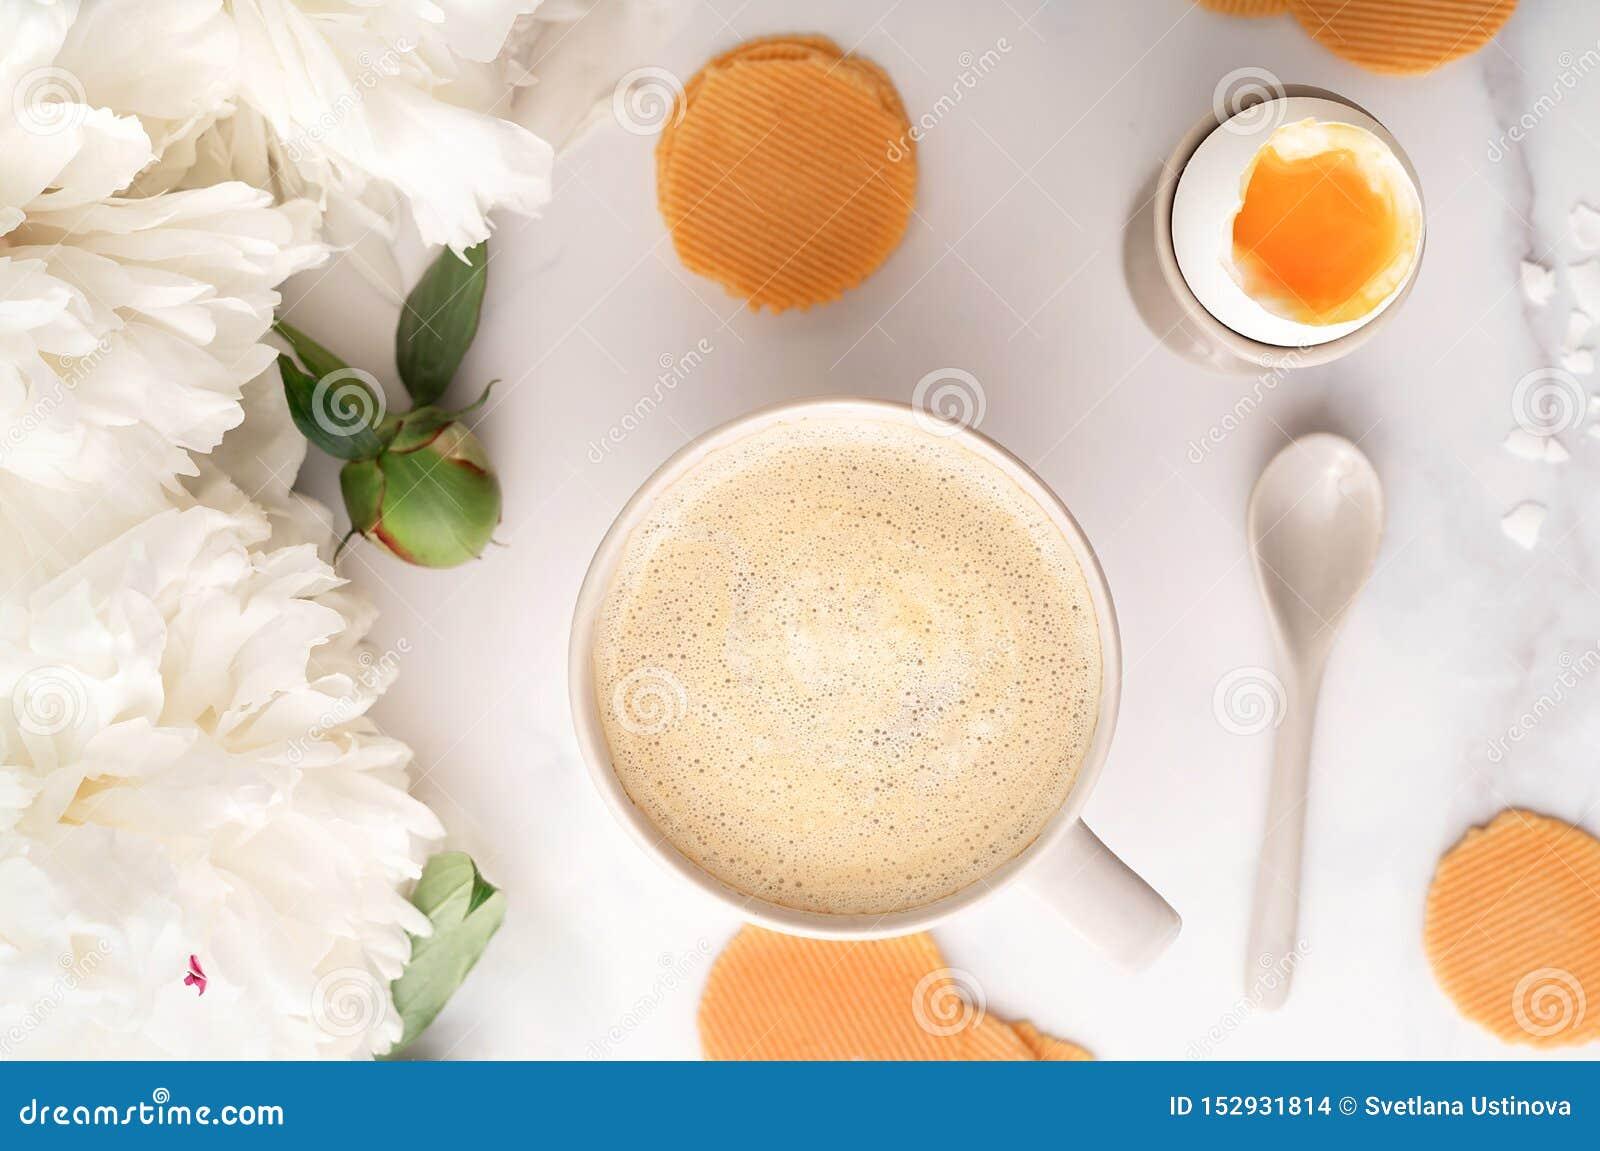 Hoogste mening van zacht-gekookt ei met liquide oranje dooier in ceramisch eierdopje, kop van koffie, dunne knapperige graanspaan